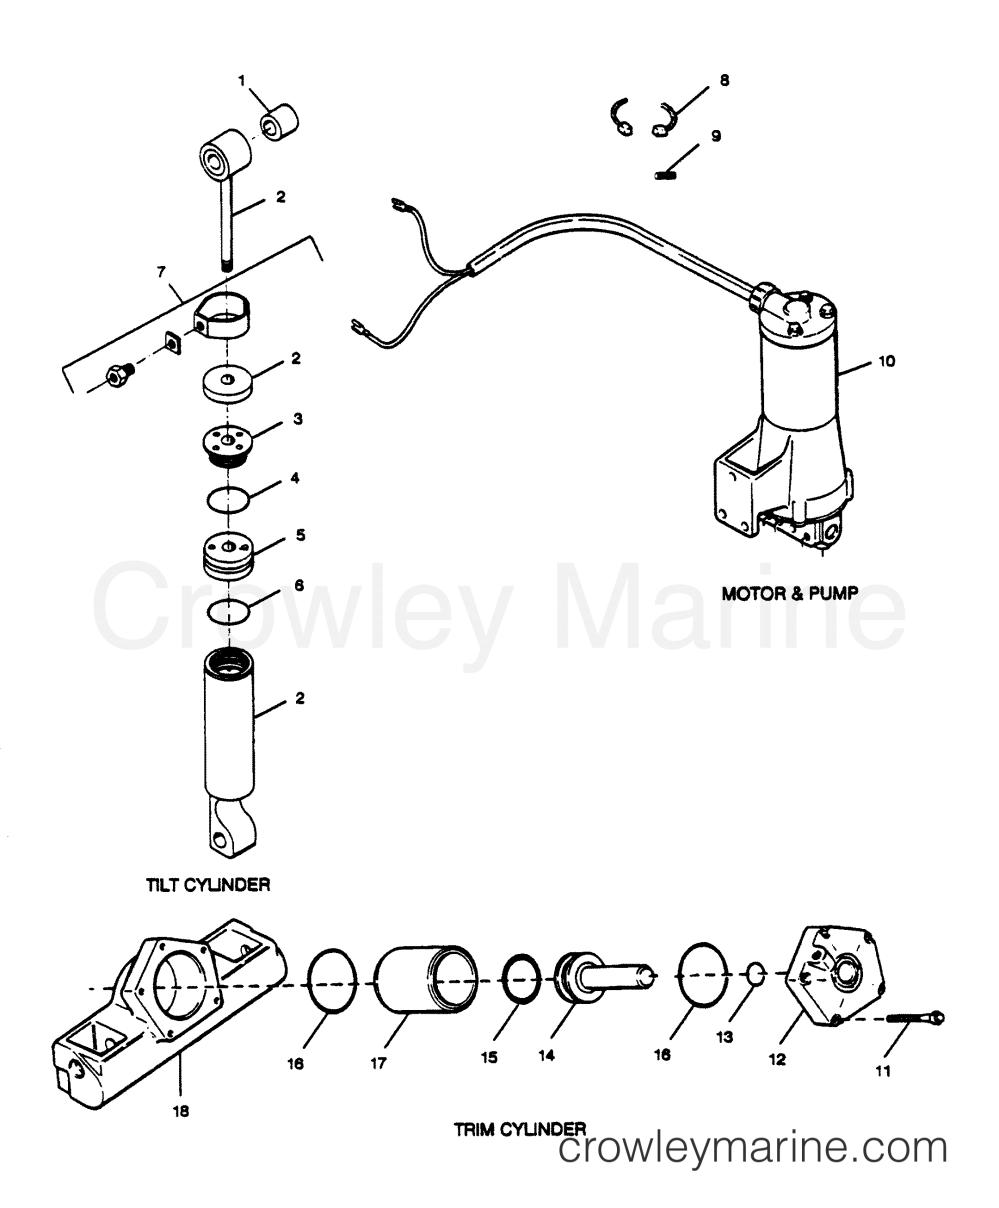 medium resolution of 1989 force outboard 125 h1258x89b parts breakdown tilt cylinder trim cylinder motor